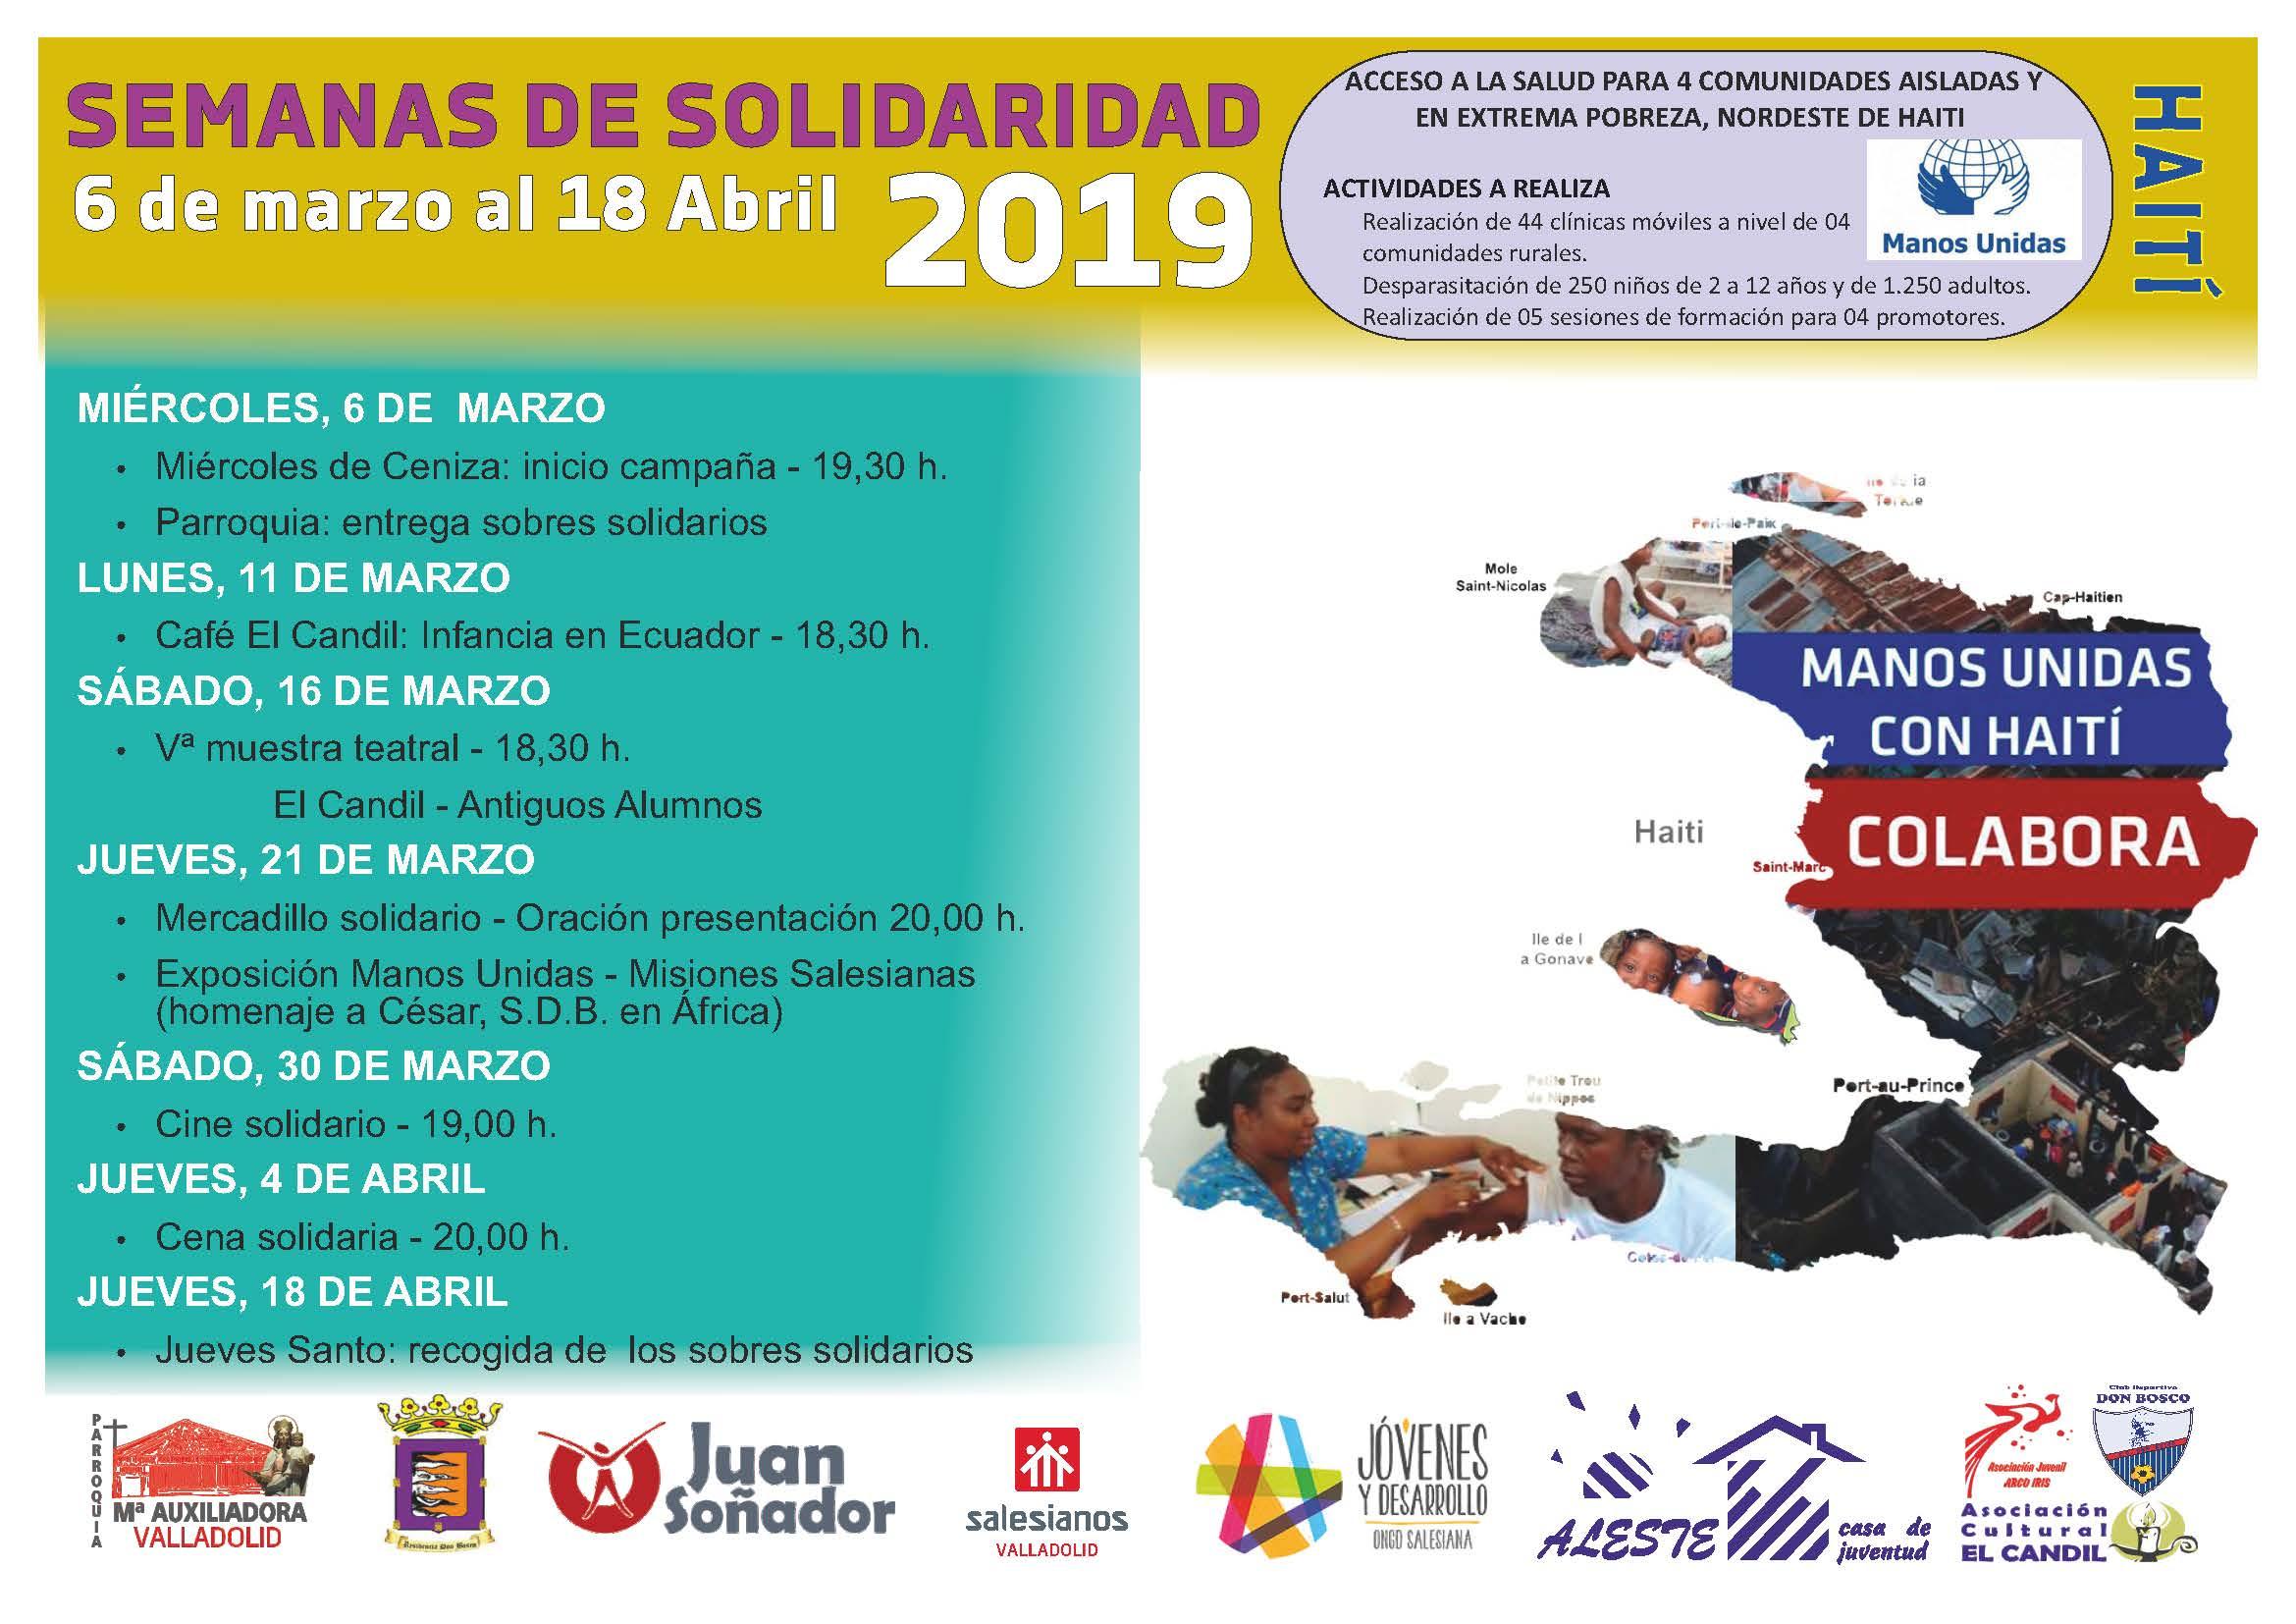 SEMANAS DE SOLIDARIDAD – CUARESMA SOLIDARIA 2019